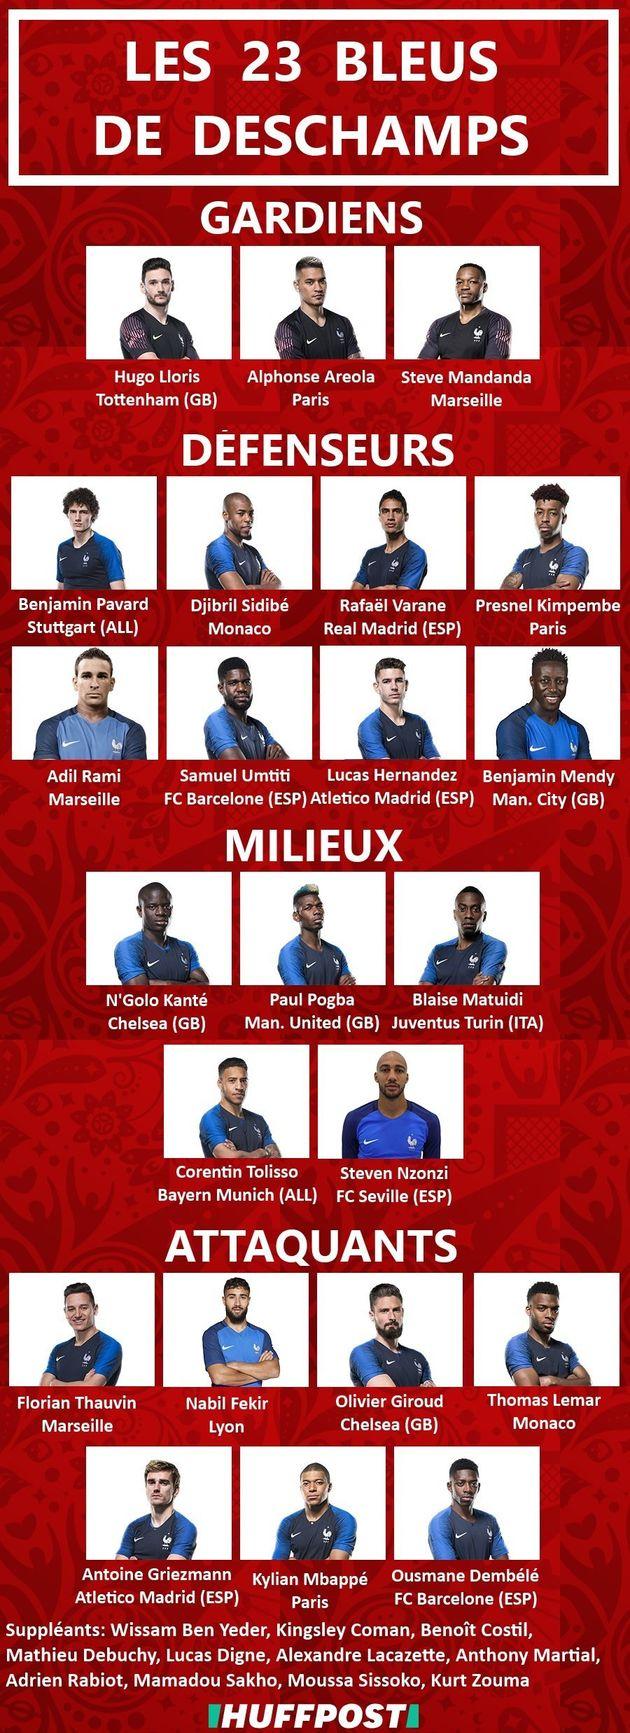 Liste des 23 de Didier Deschamps: les joueurs qui seront en Équipe de France pour la Coupe du monde